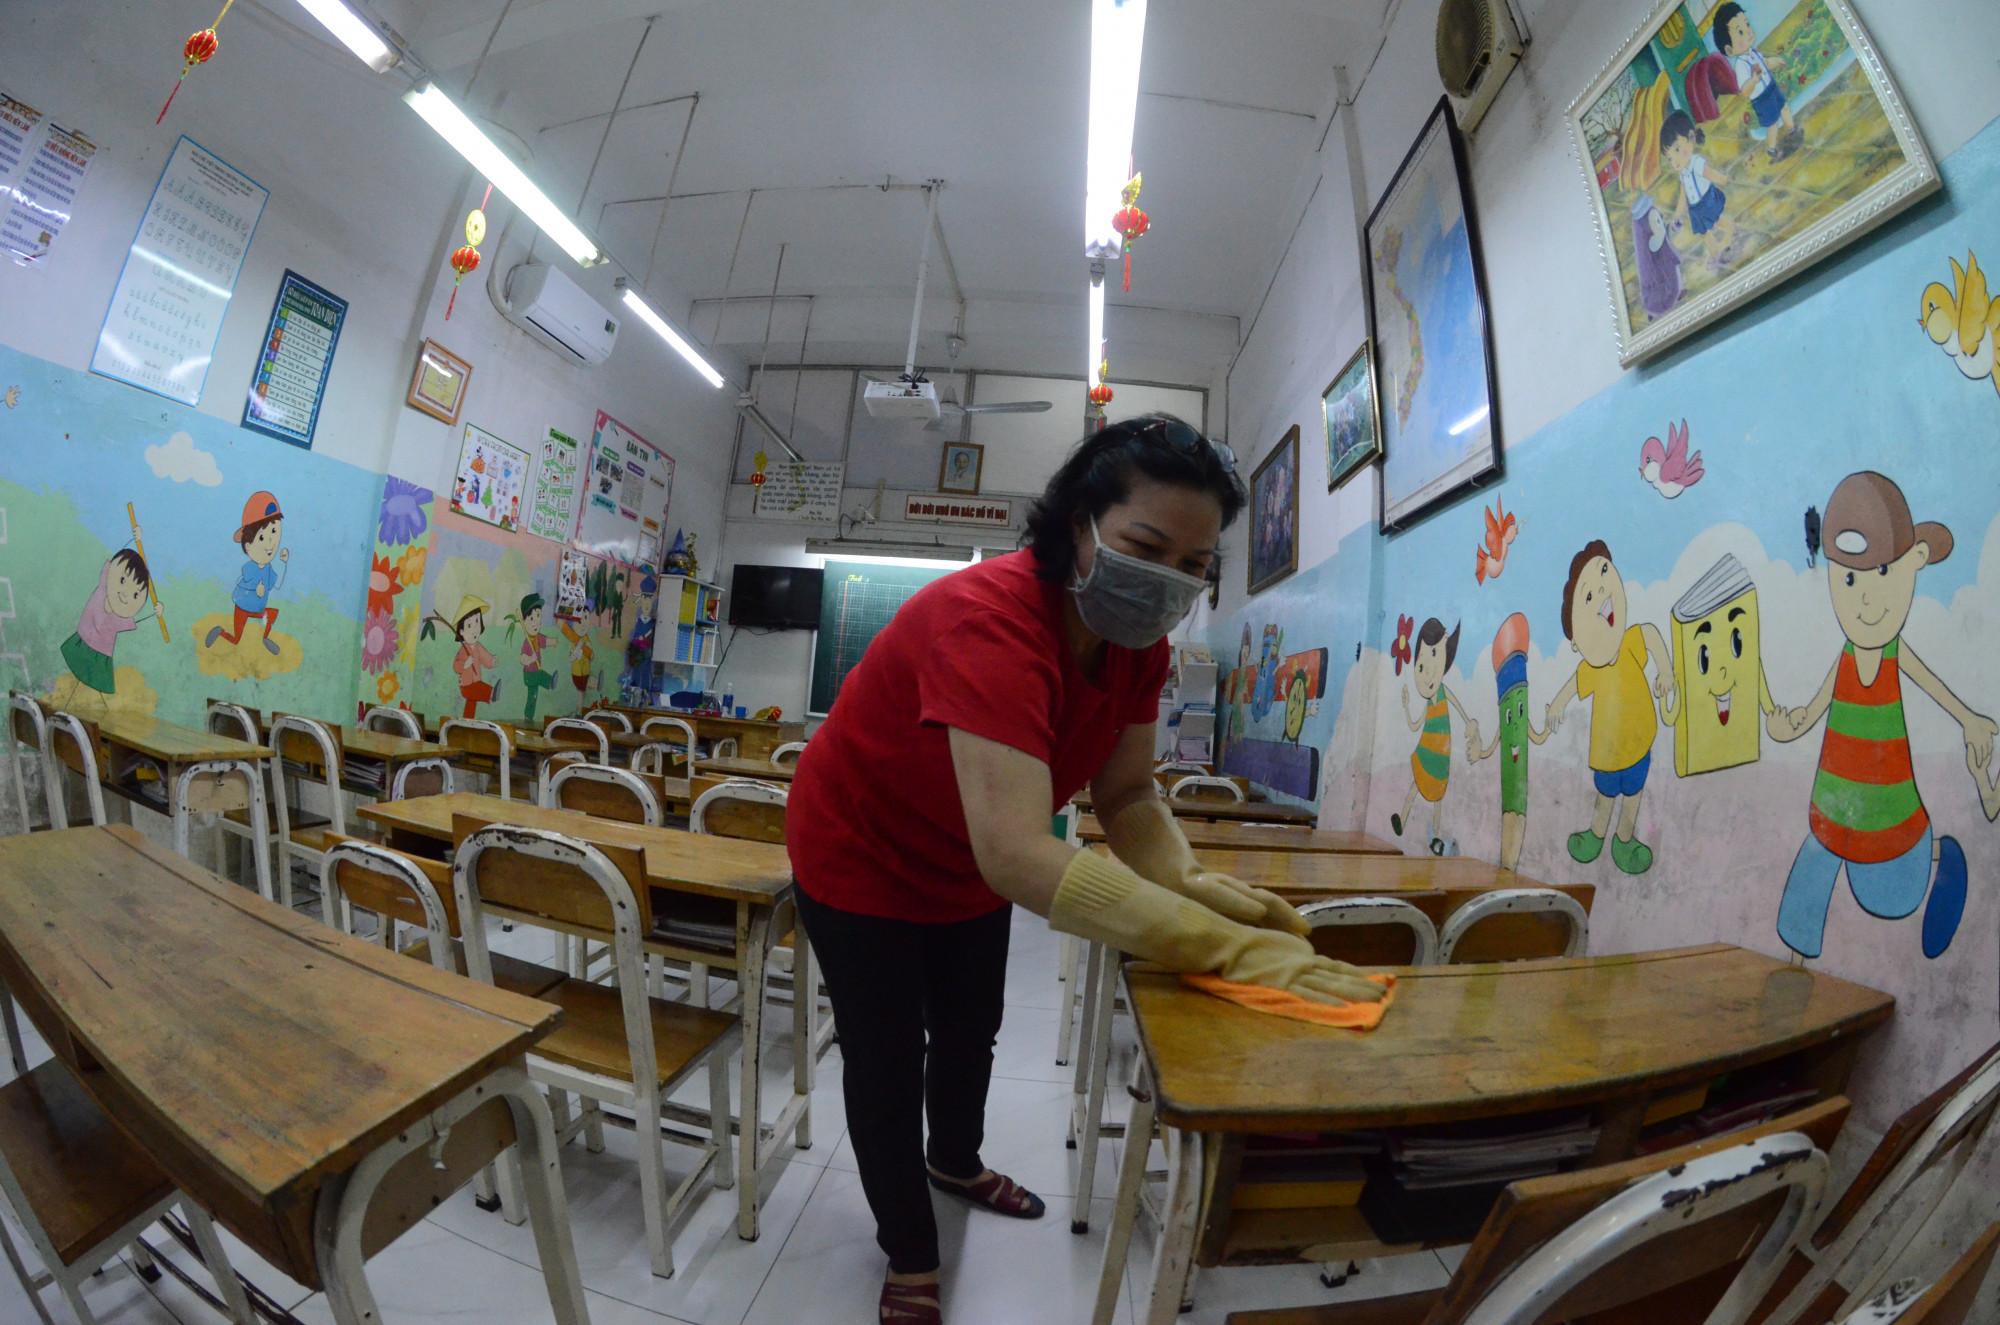 Nhiều trường học đã tiến hành vệ sinh trường lớp chuẩn bị đón học sinh đi học lại